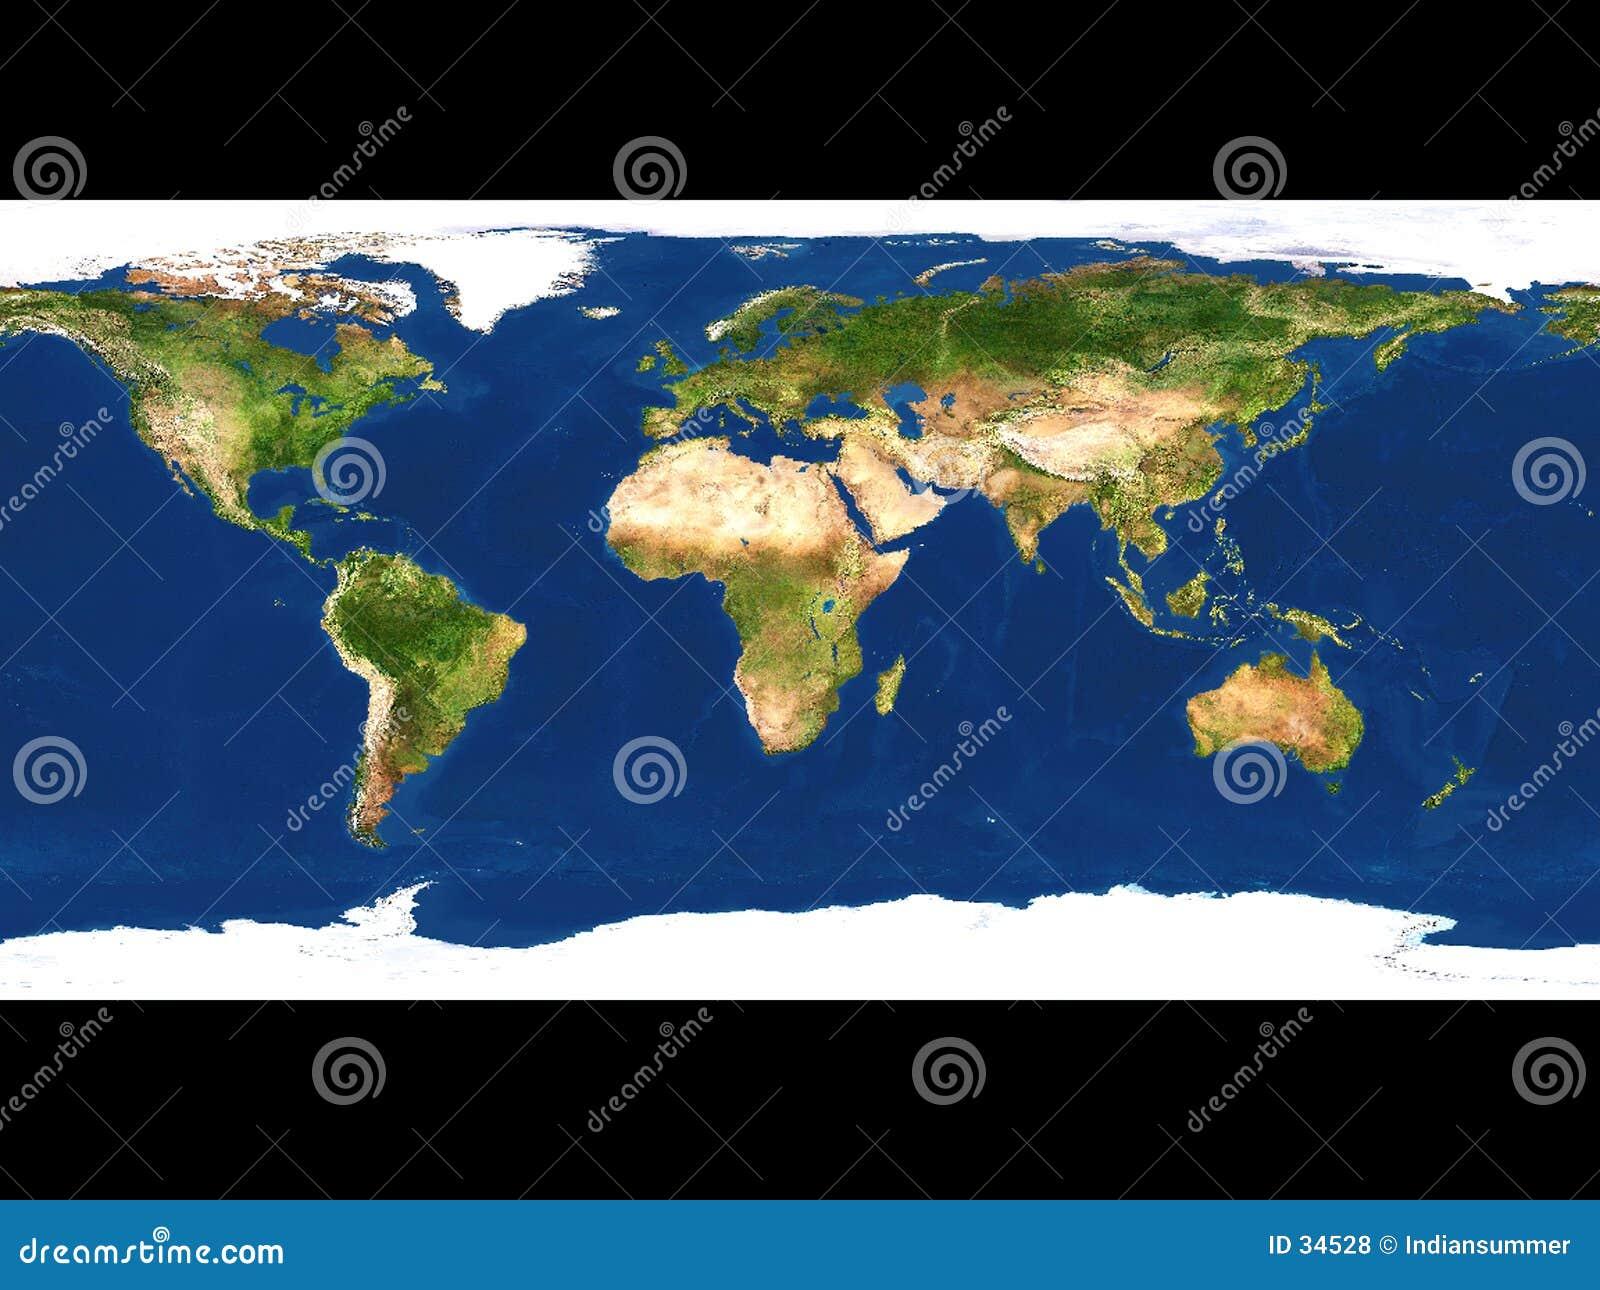 Erdekarte